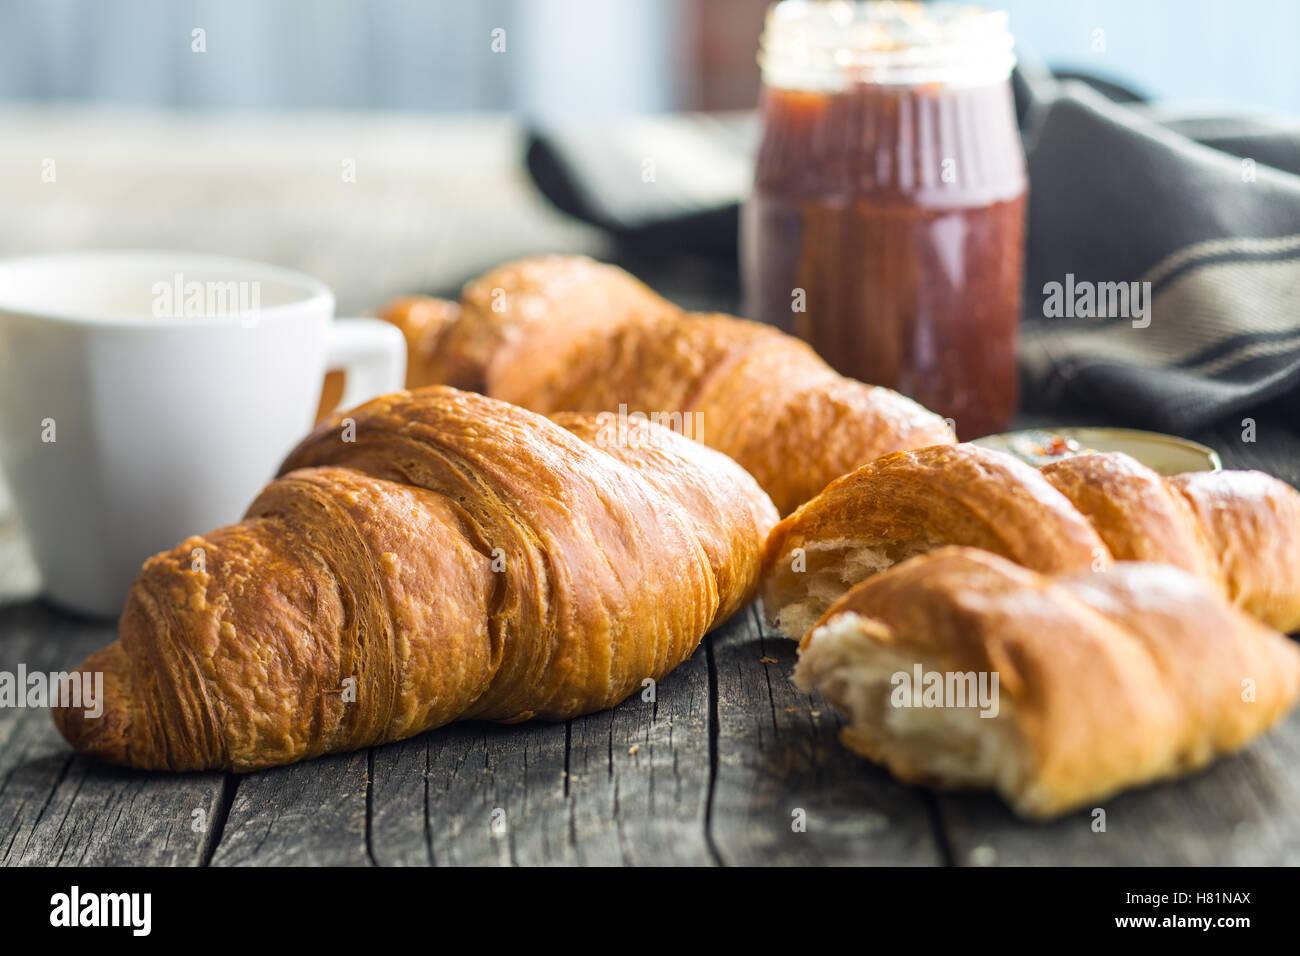 De savoureux croissants au beurre sur la vieille table en bois. Photo Stock